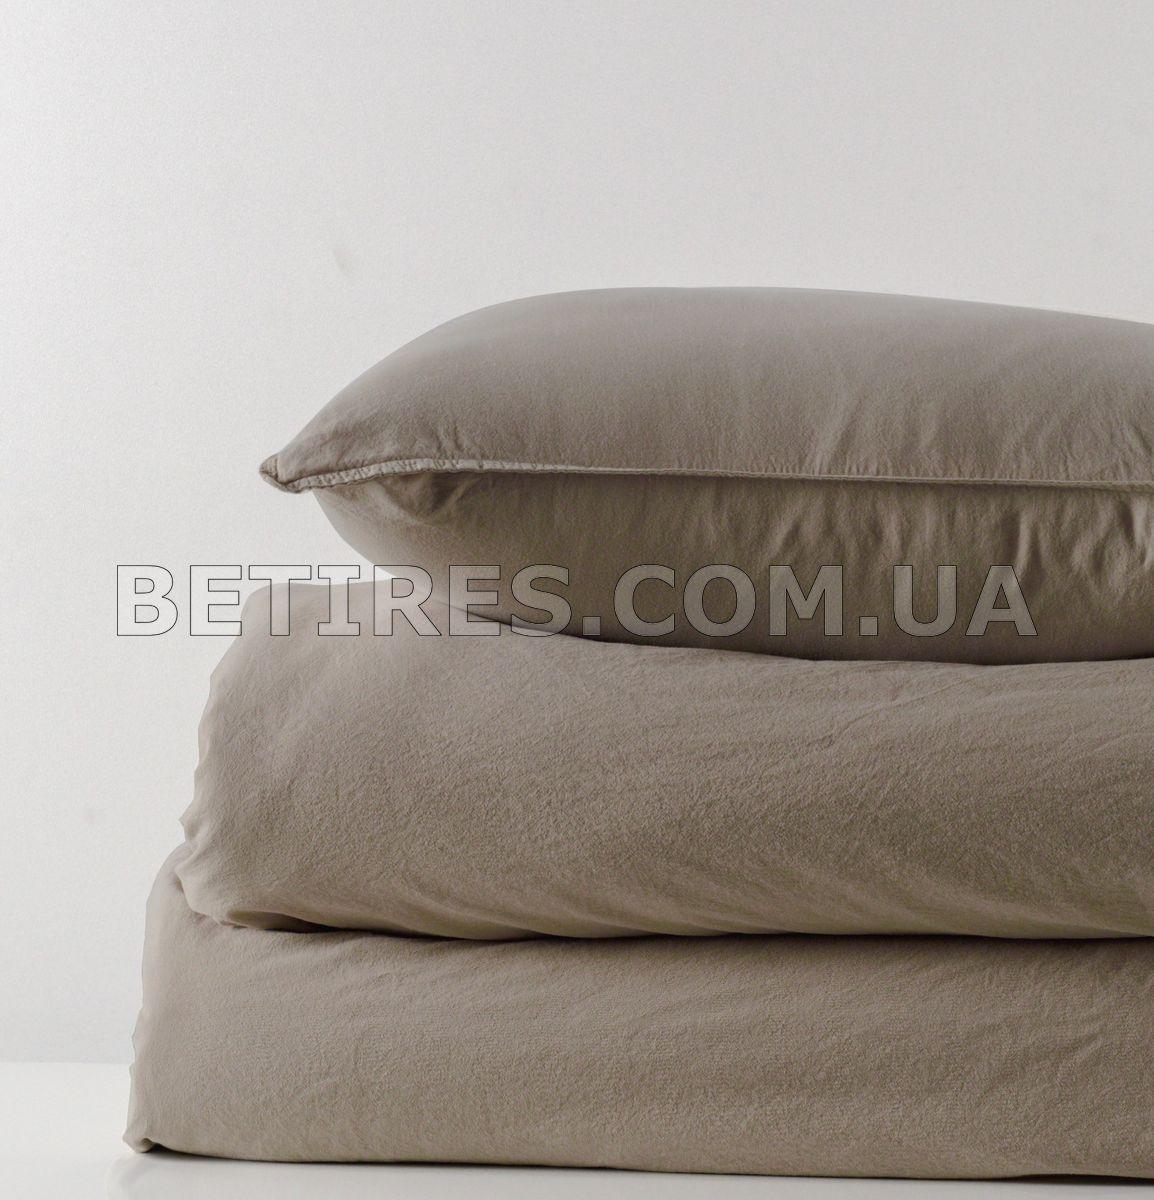 Комплект постельного белья 200x220 LIMASSO OXFORD TAN STANDART бежевый